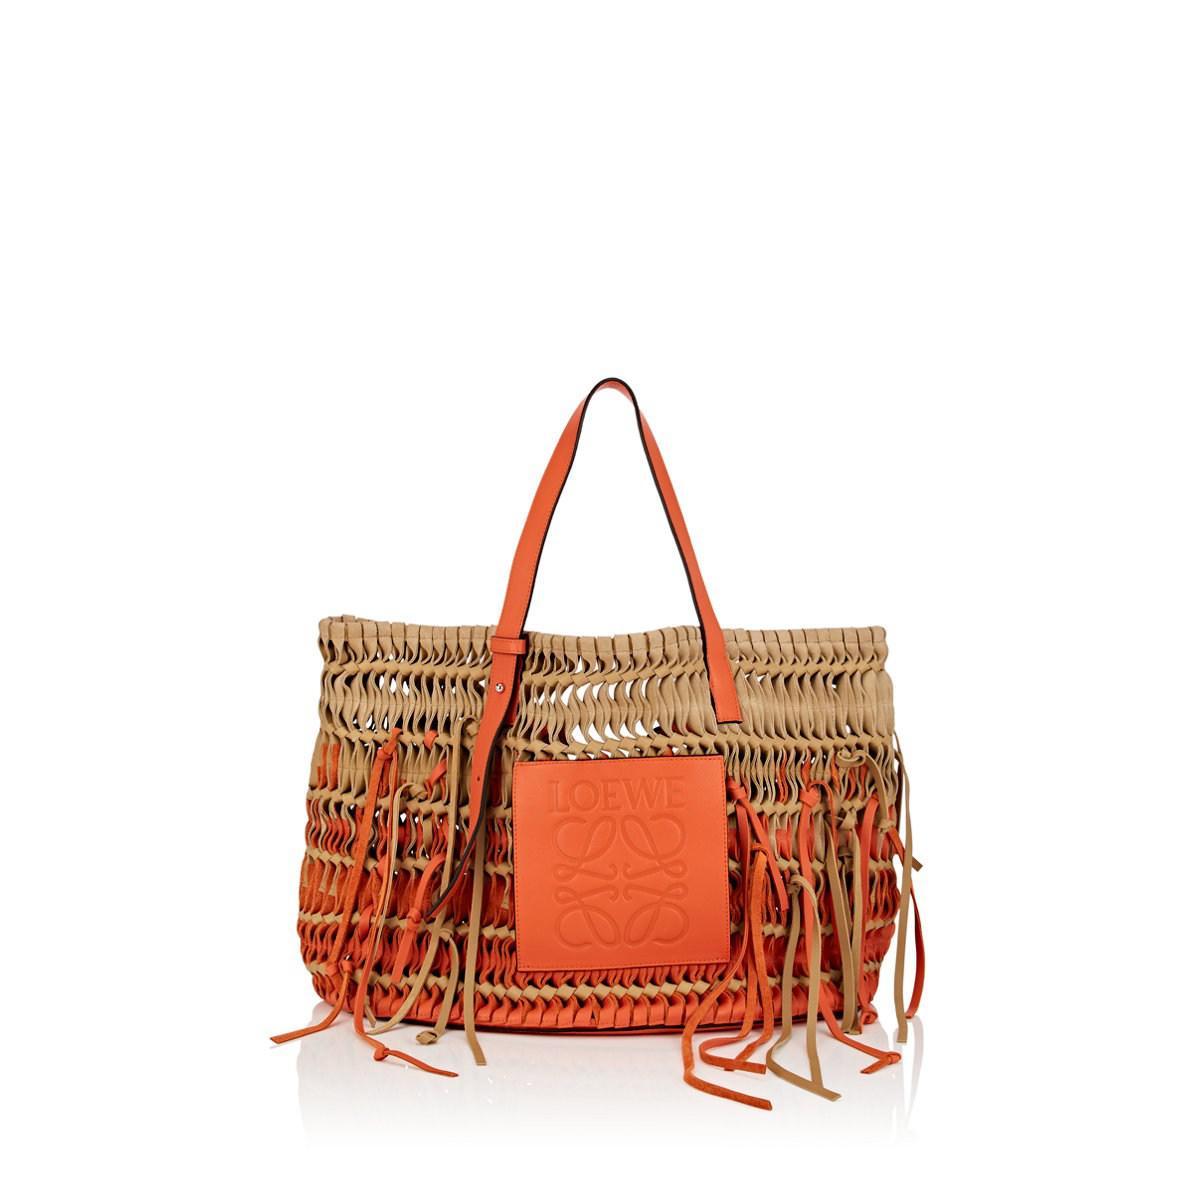 cdecbf1fa Loewe Woven Leather & Suede Tote Bag in Metallic - Lyst